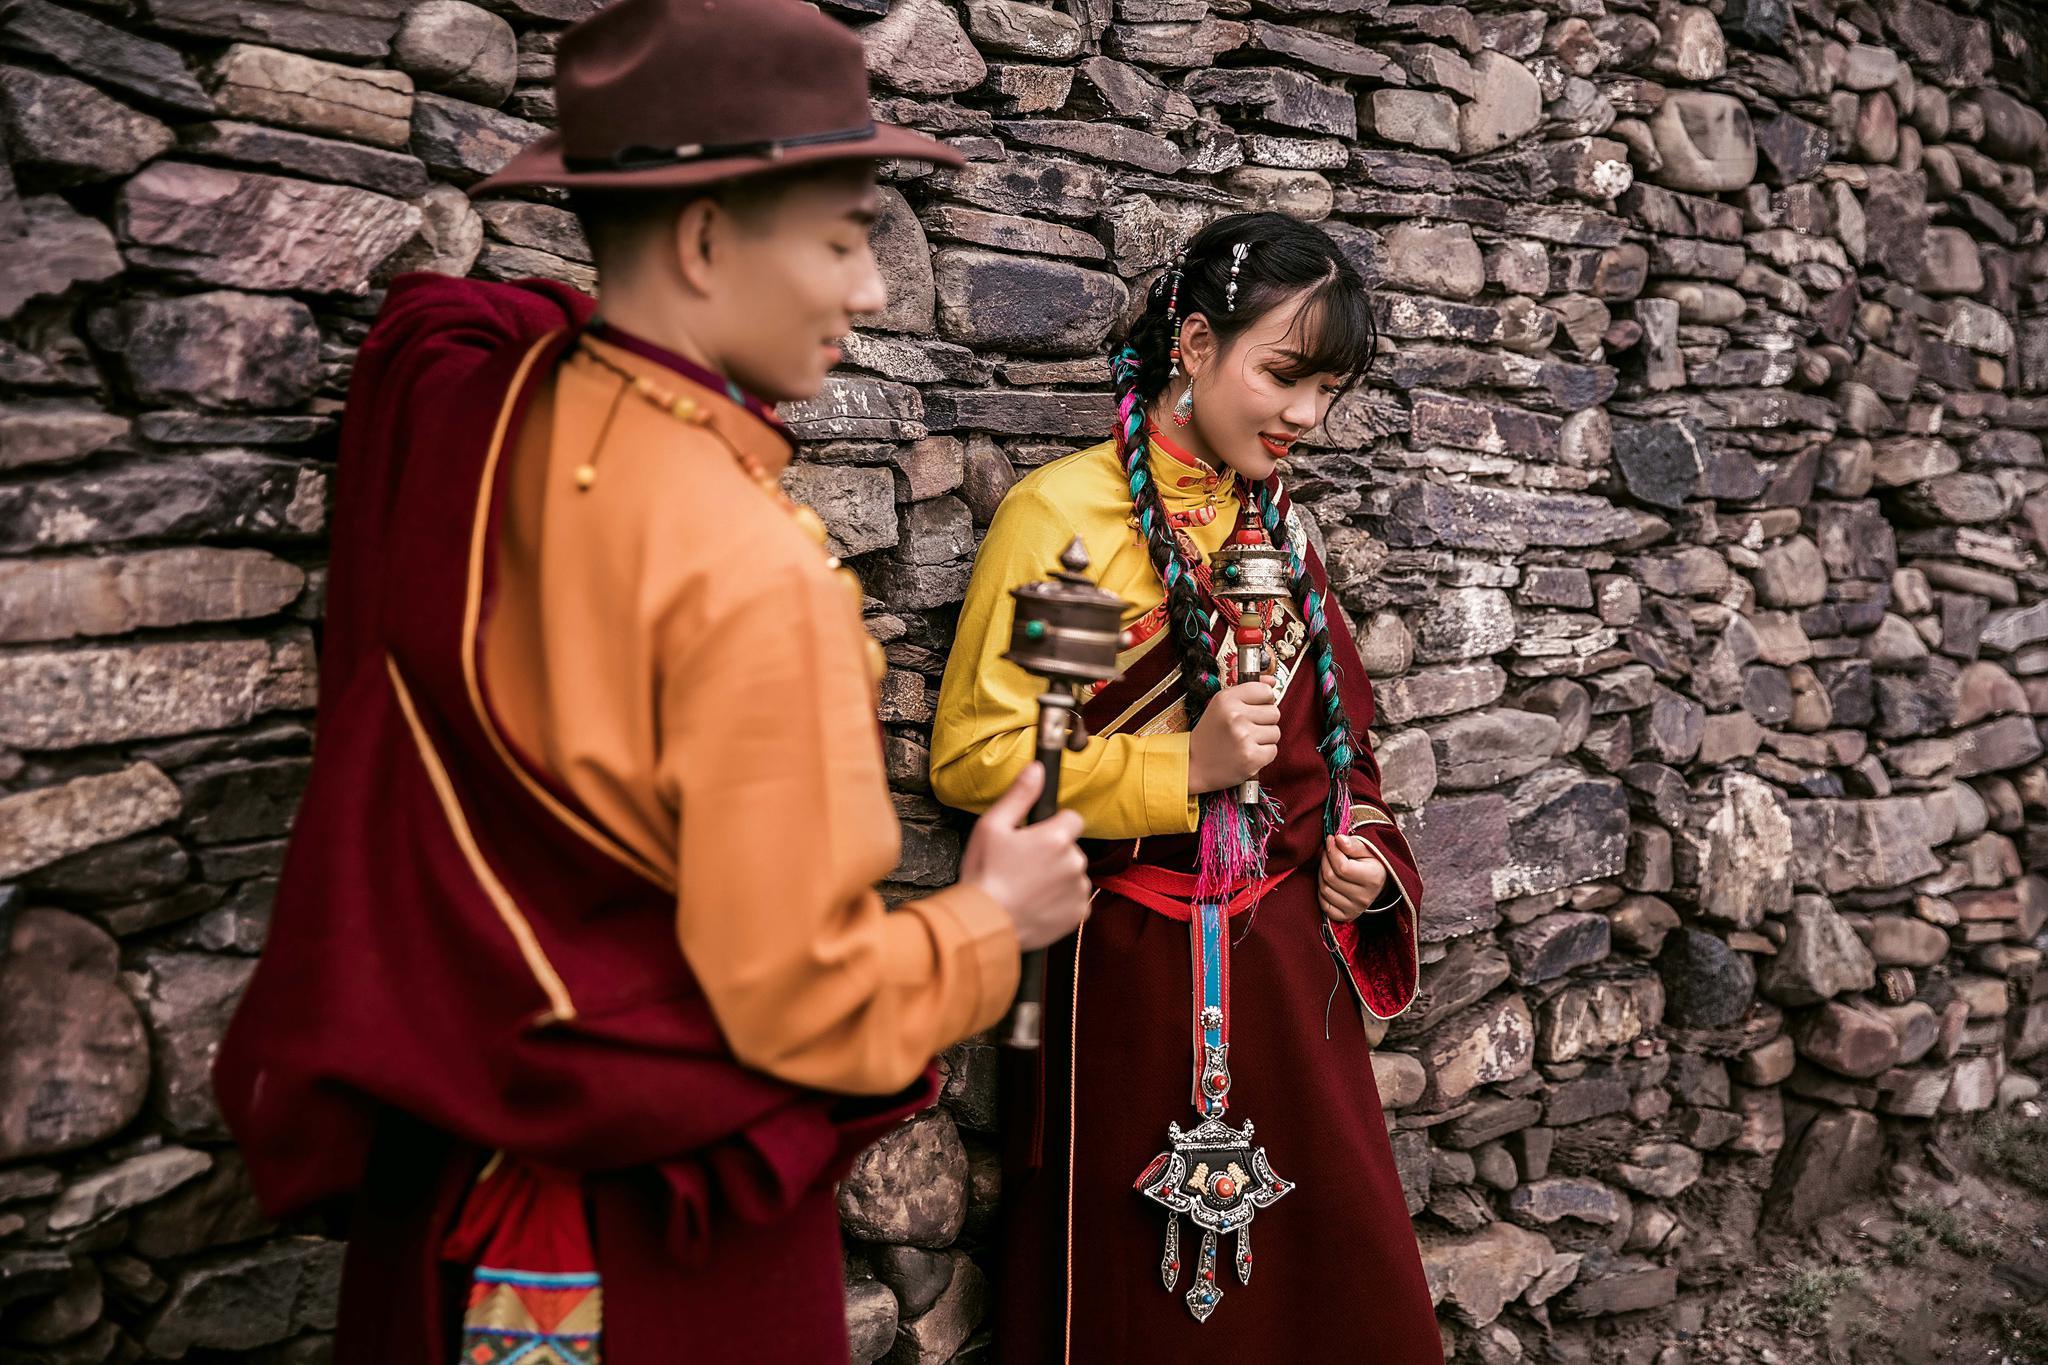 西藏拉萨这种特色的婚纱照,准备拍婚纱,喜欢的可以去拍一组